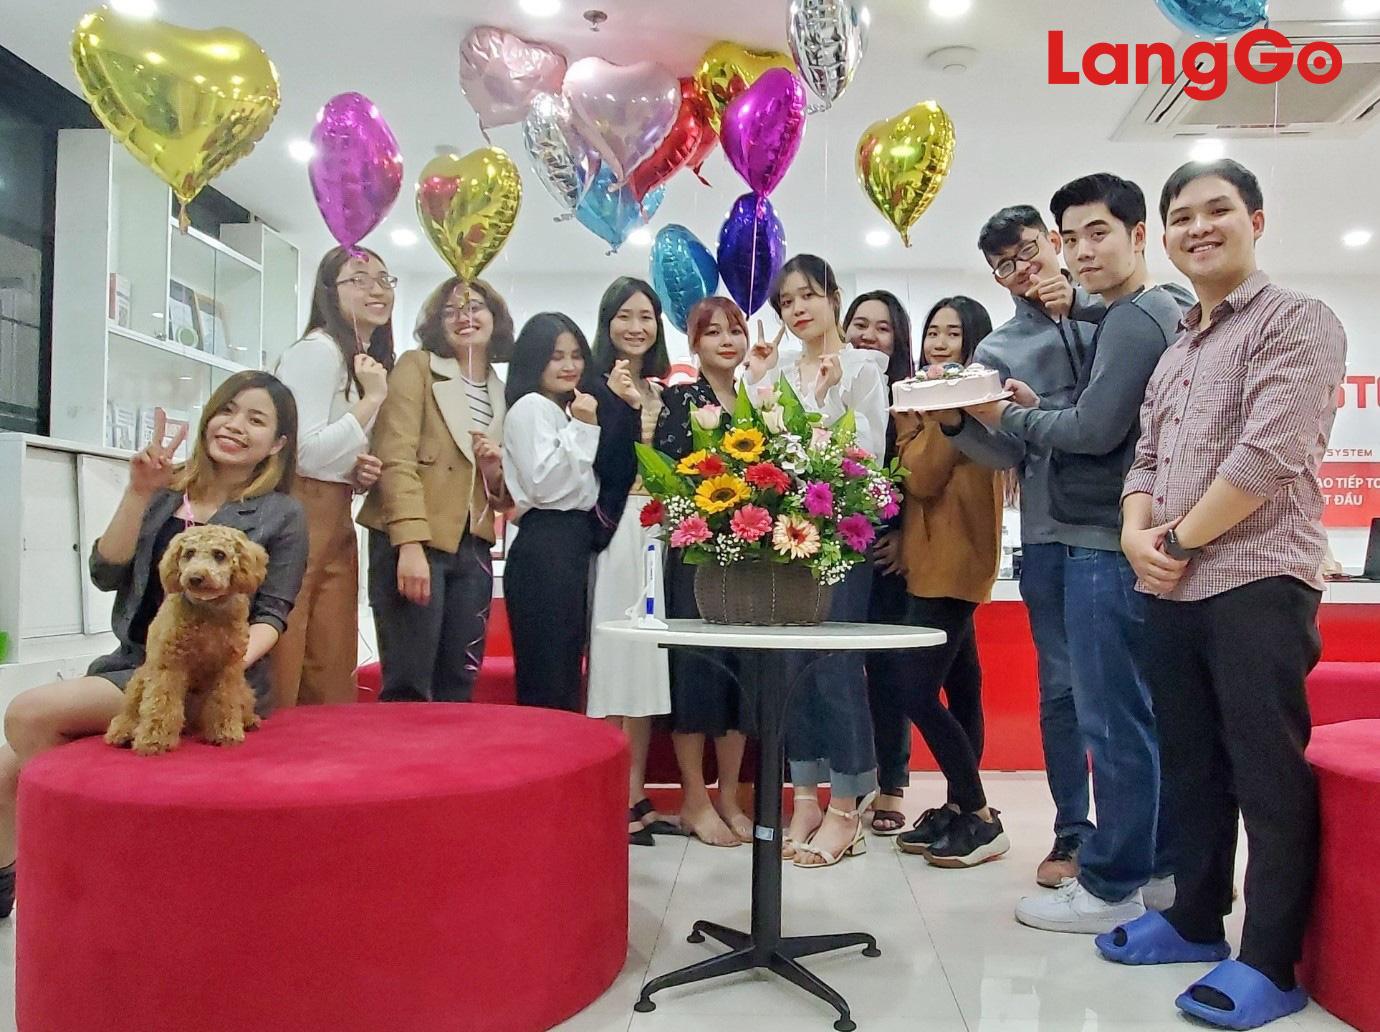 Lồng ghép 2 trong 1 tại luyện thi IELTS LangGo: Phương pháp mới đào tạo ngoại ngữ hiệu quả - Ảnh 3.